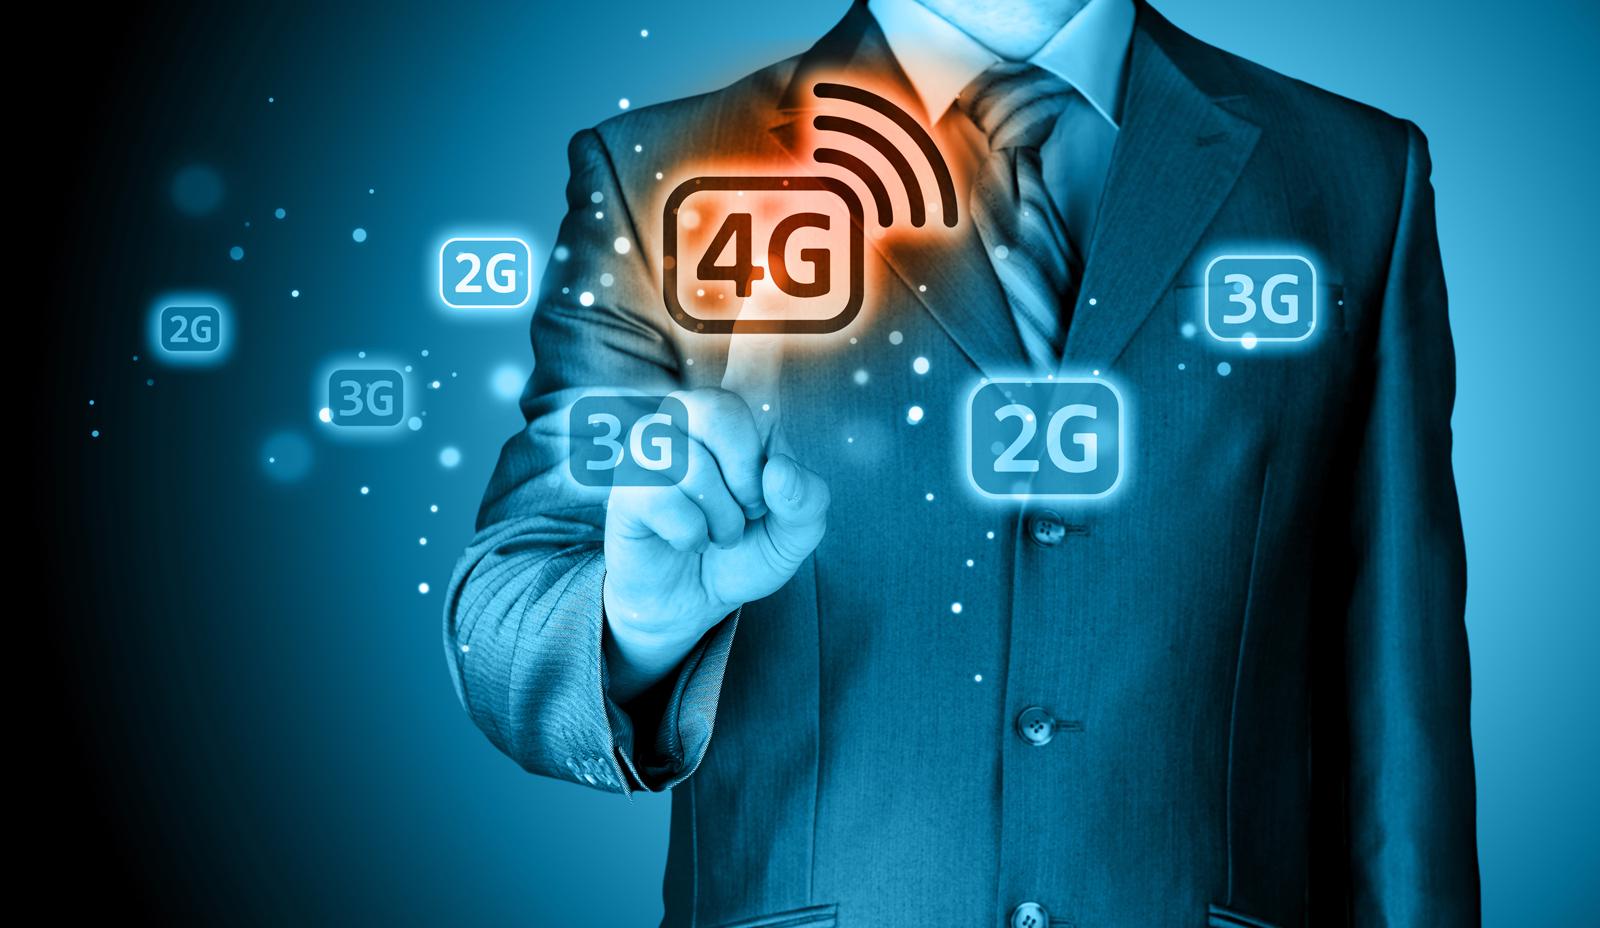 Сети расставлены, или Vodafone Украина инвестирует в оборудование для запуска 4G